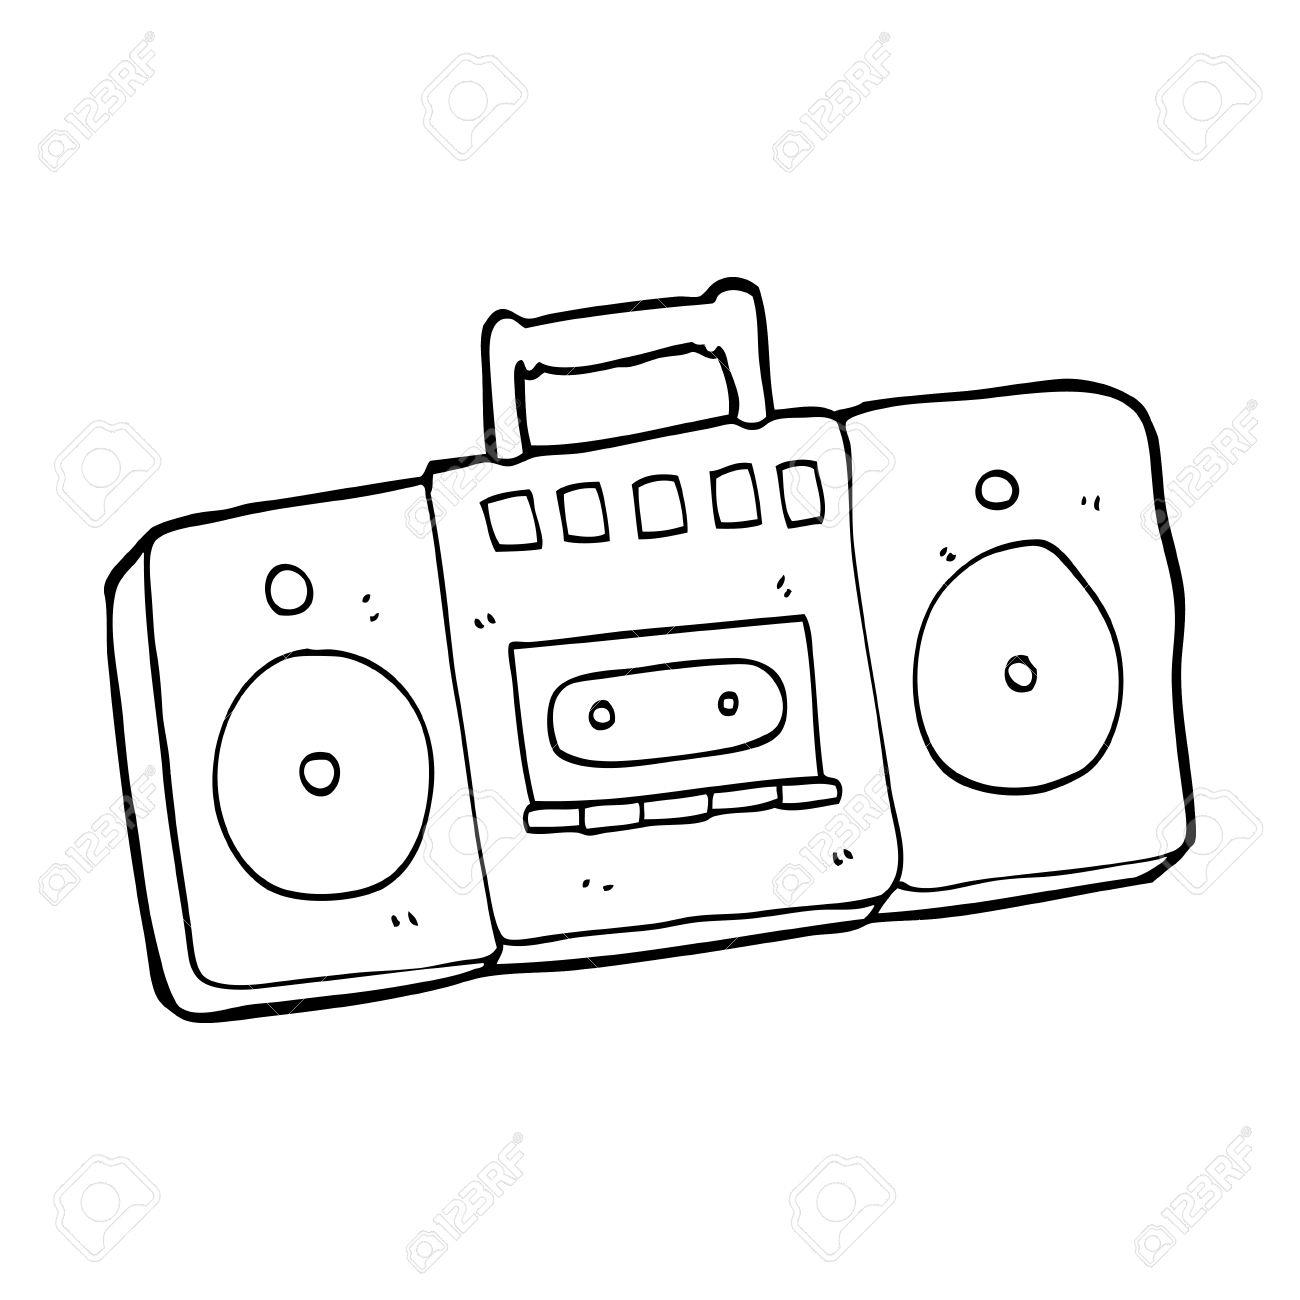 Old Radio Drawing At Getdrawings